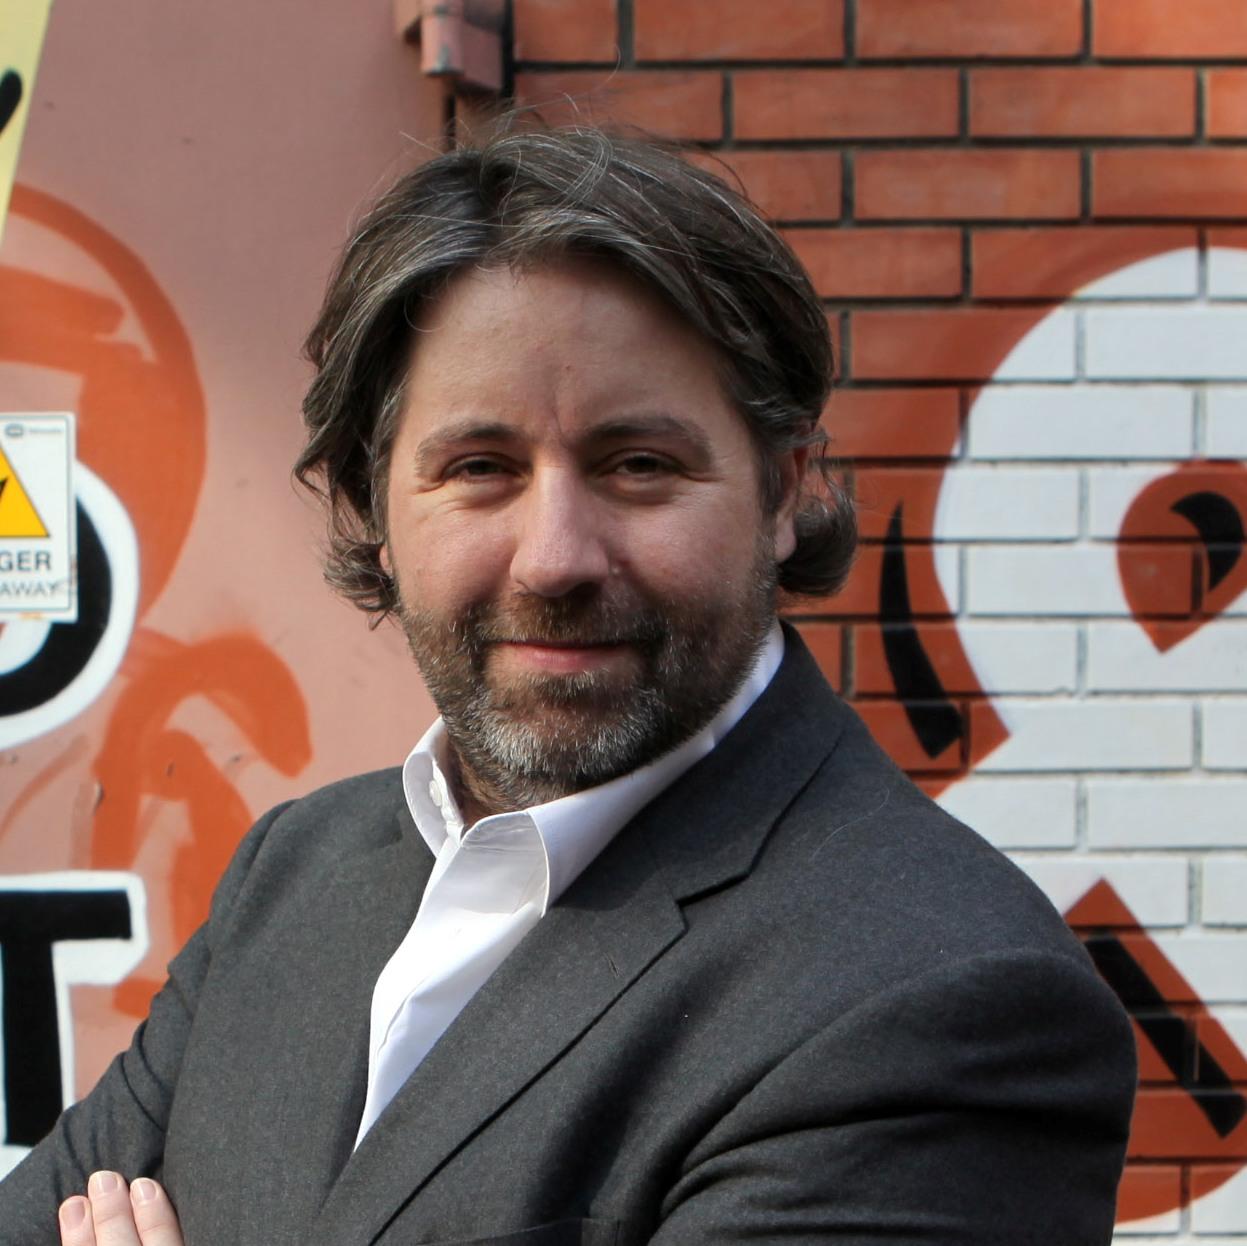 Stuart McLaughlin